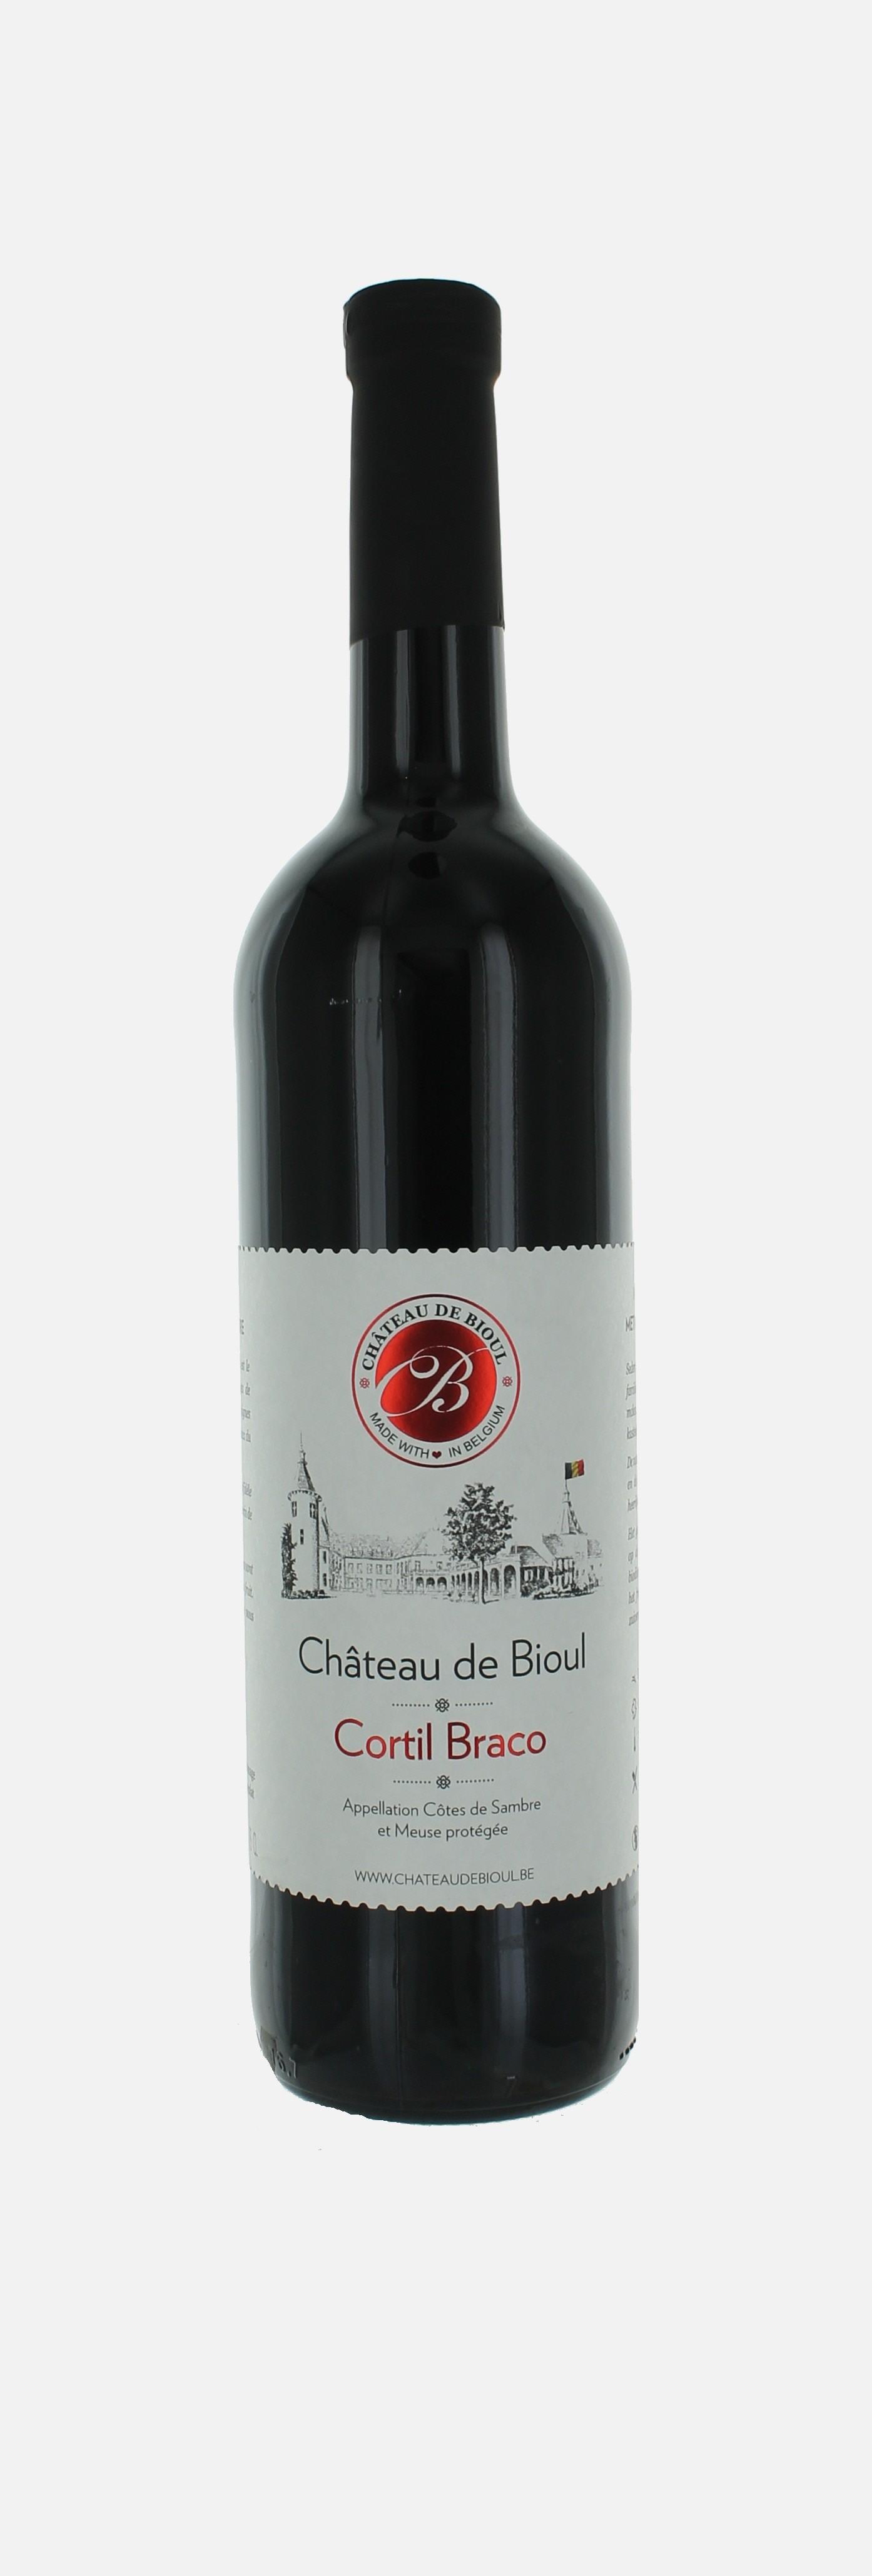 Cortil Braco, Sambre et Meuse, Ch. de Bioul